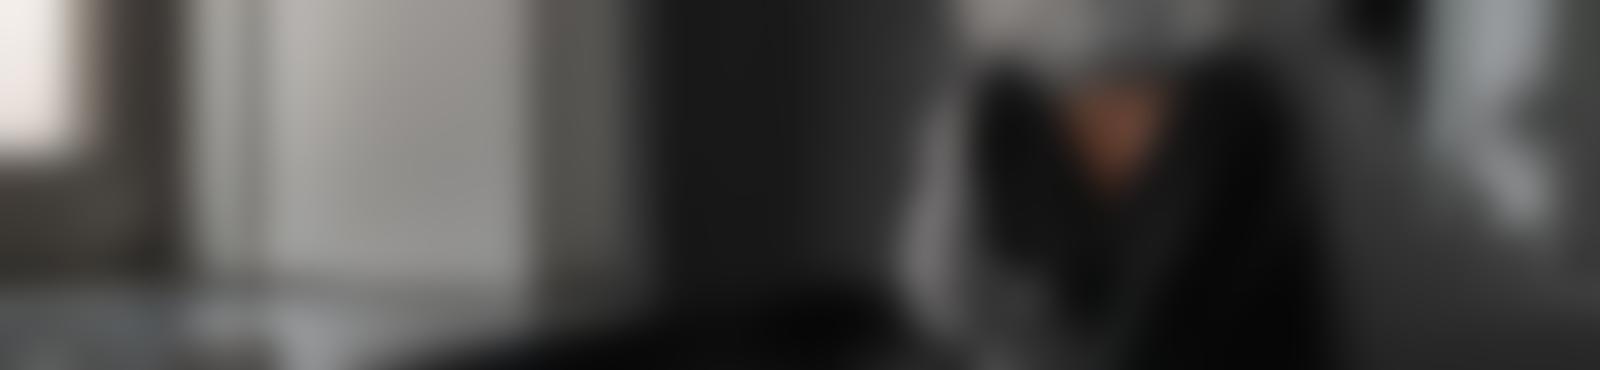 Blurred 08a6db47 0322 4322 87e0 7a89238ebc7e